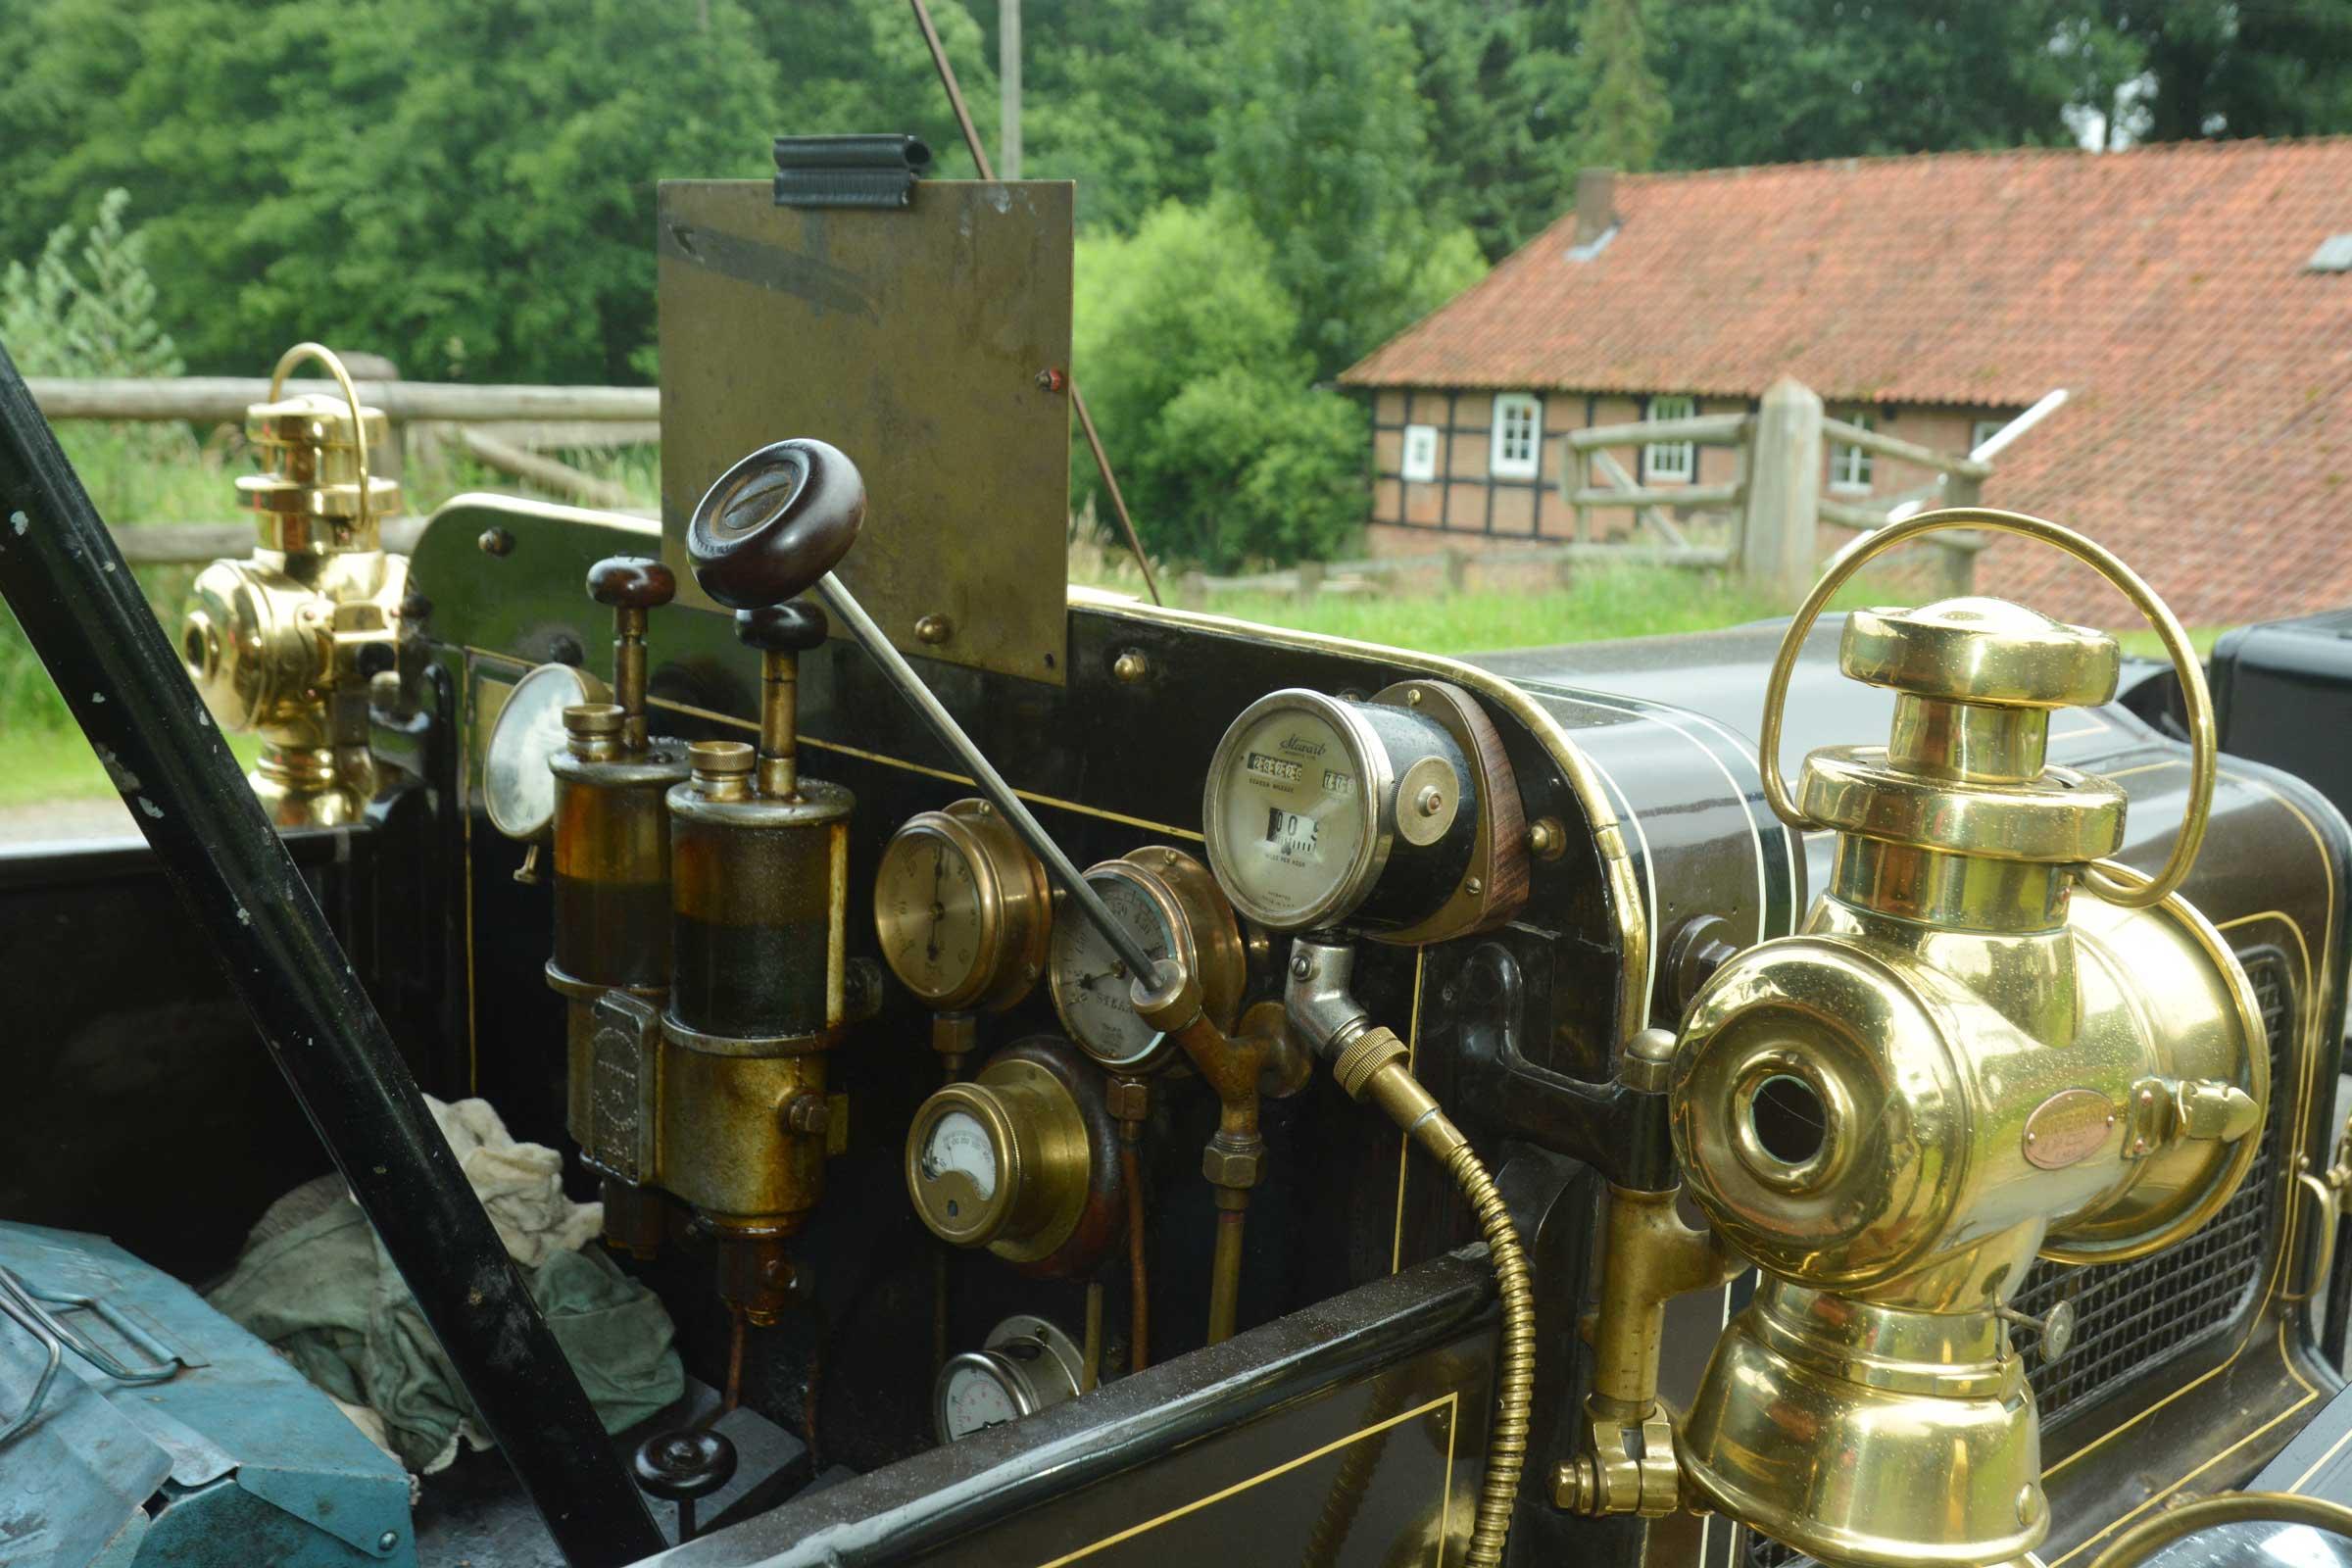 """Dampfbetreiber """"Brush"""" aus dem Jahre 1907:Die Armaturen erinnern an eine Lokomotive.  Fotos: Georg Geers"""